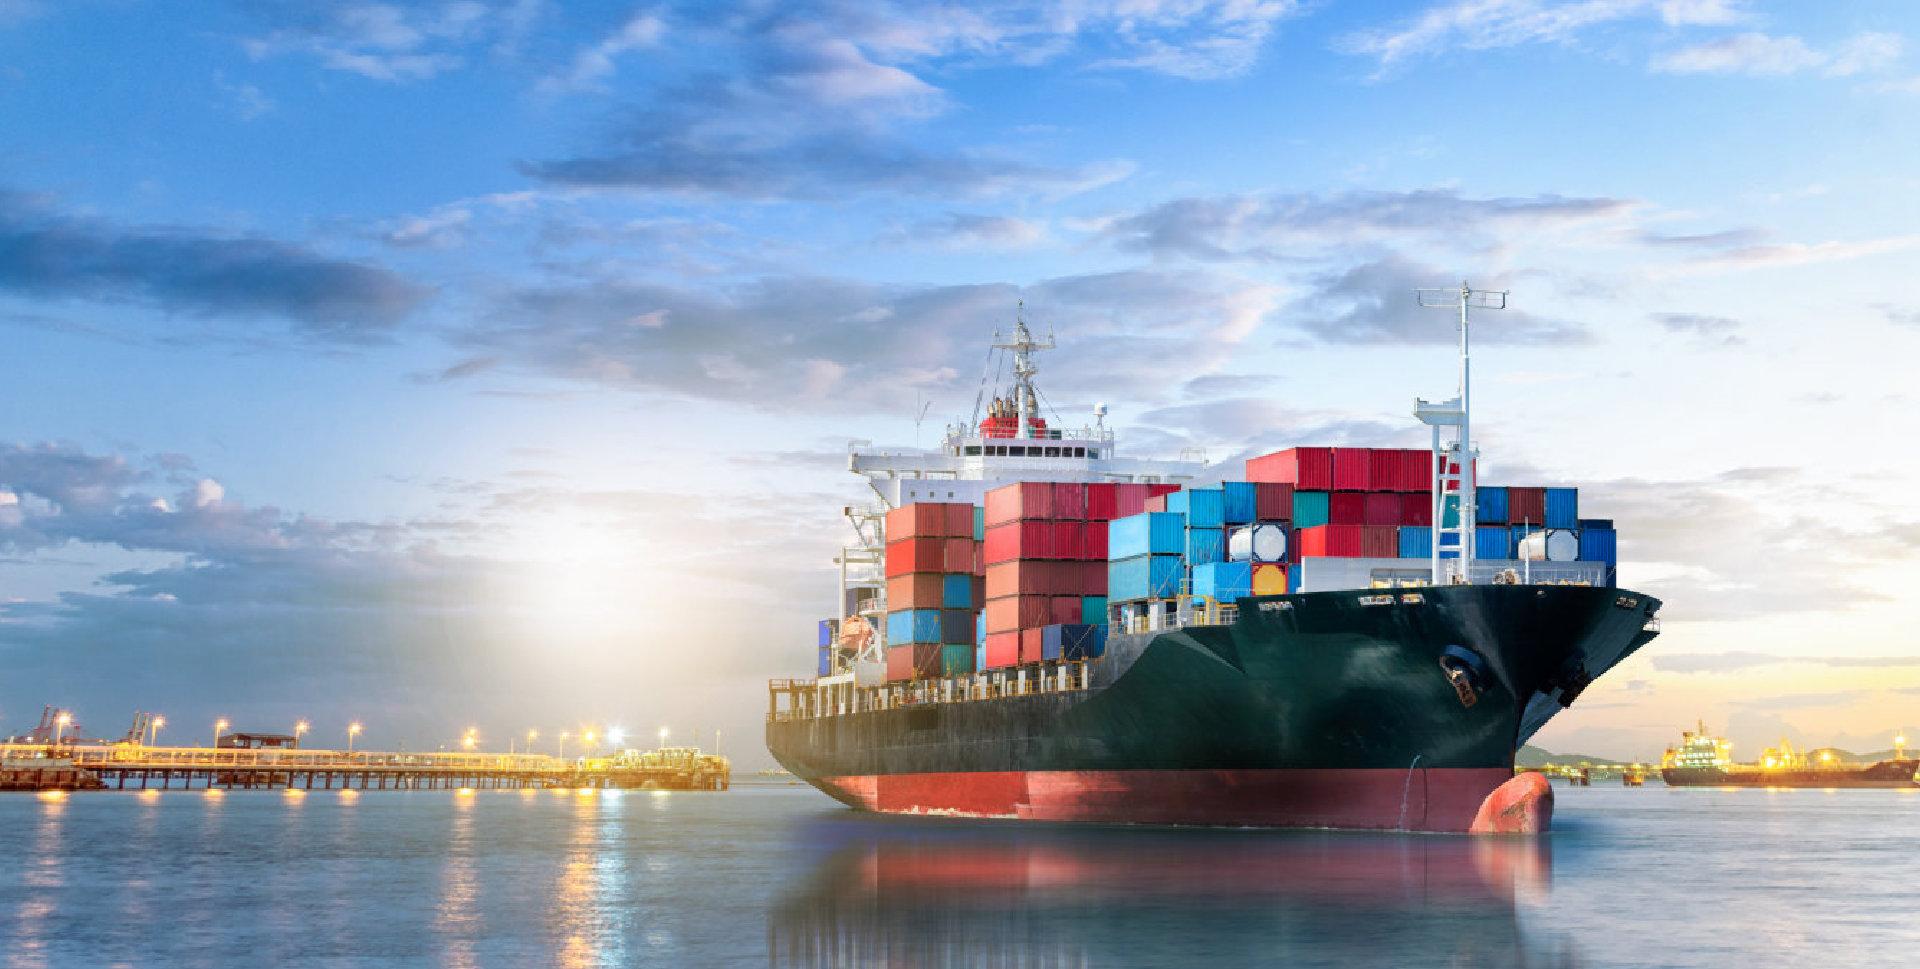 cargo ship